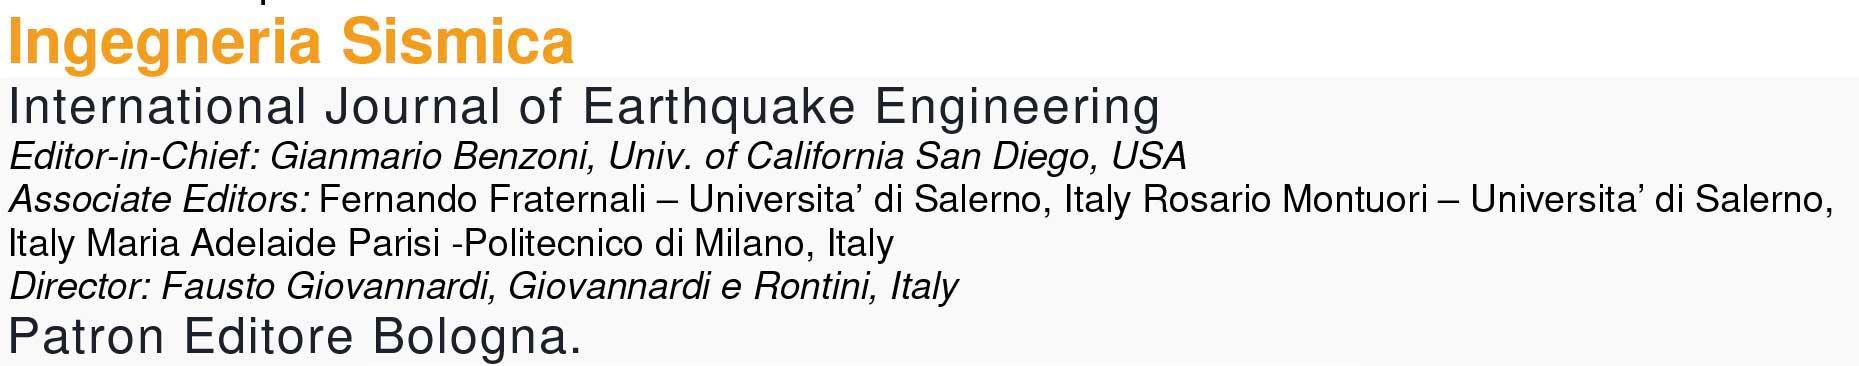 ingegneria-sismica1